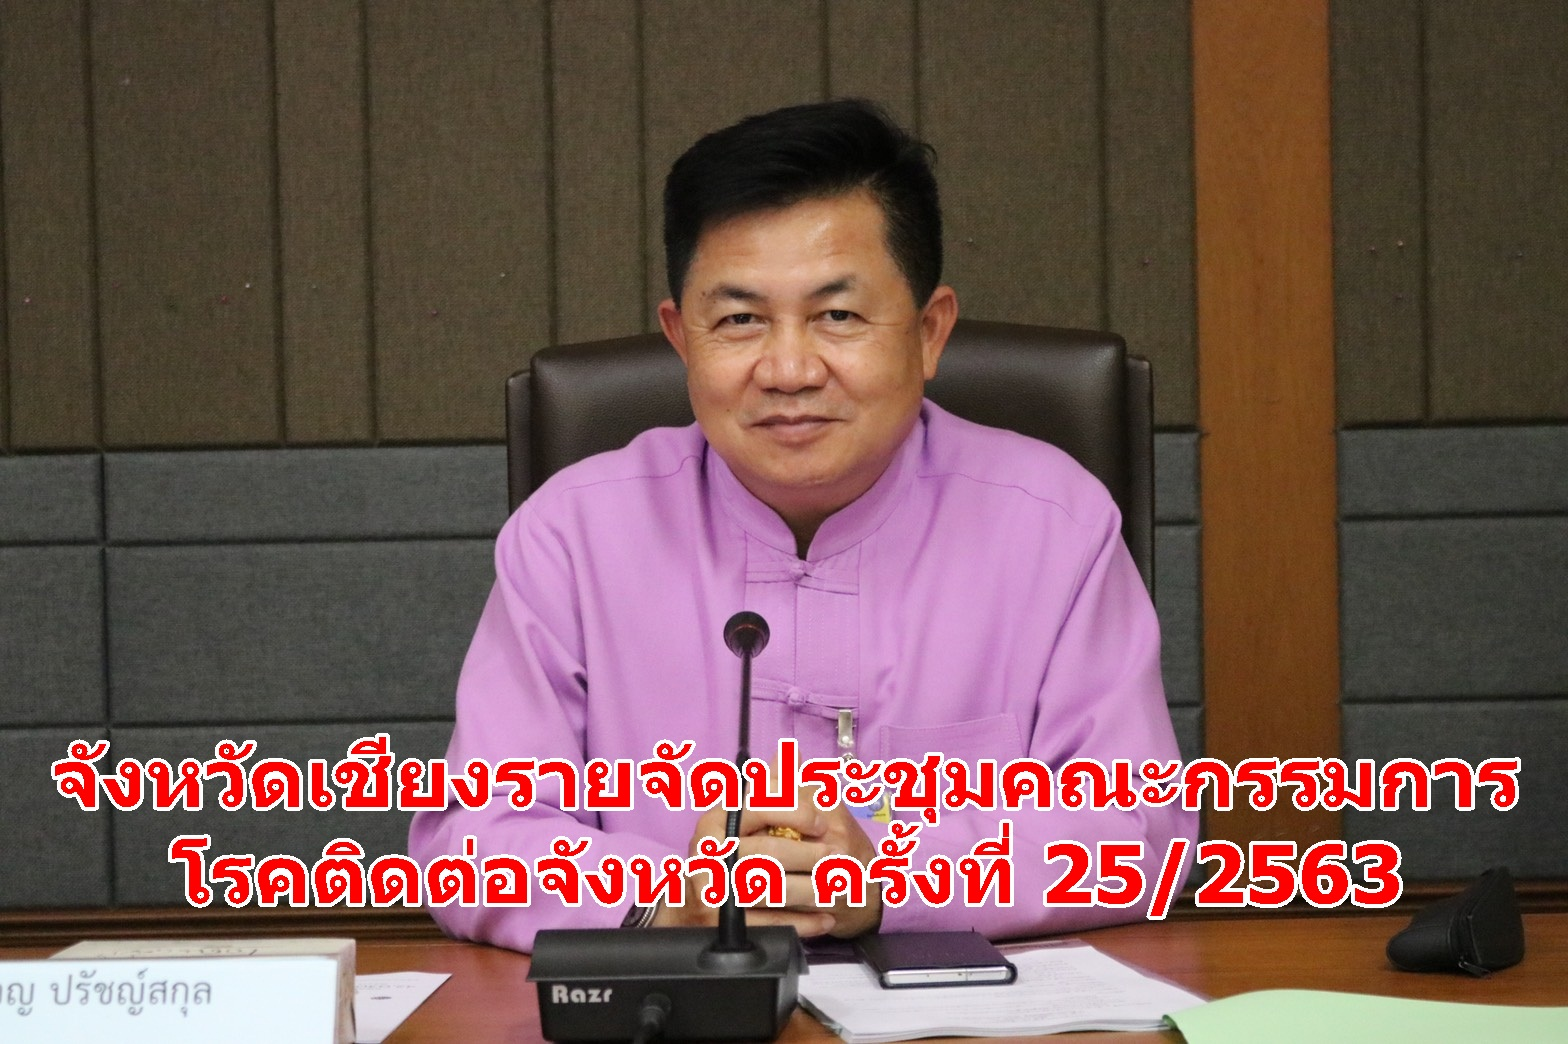 จังหวัดเชียงรายจัดประชุมคณะกรรมการโรคติดต่อจังหวัด ครั้งที่ 25/2563